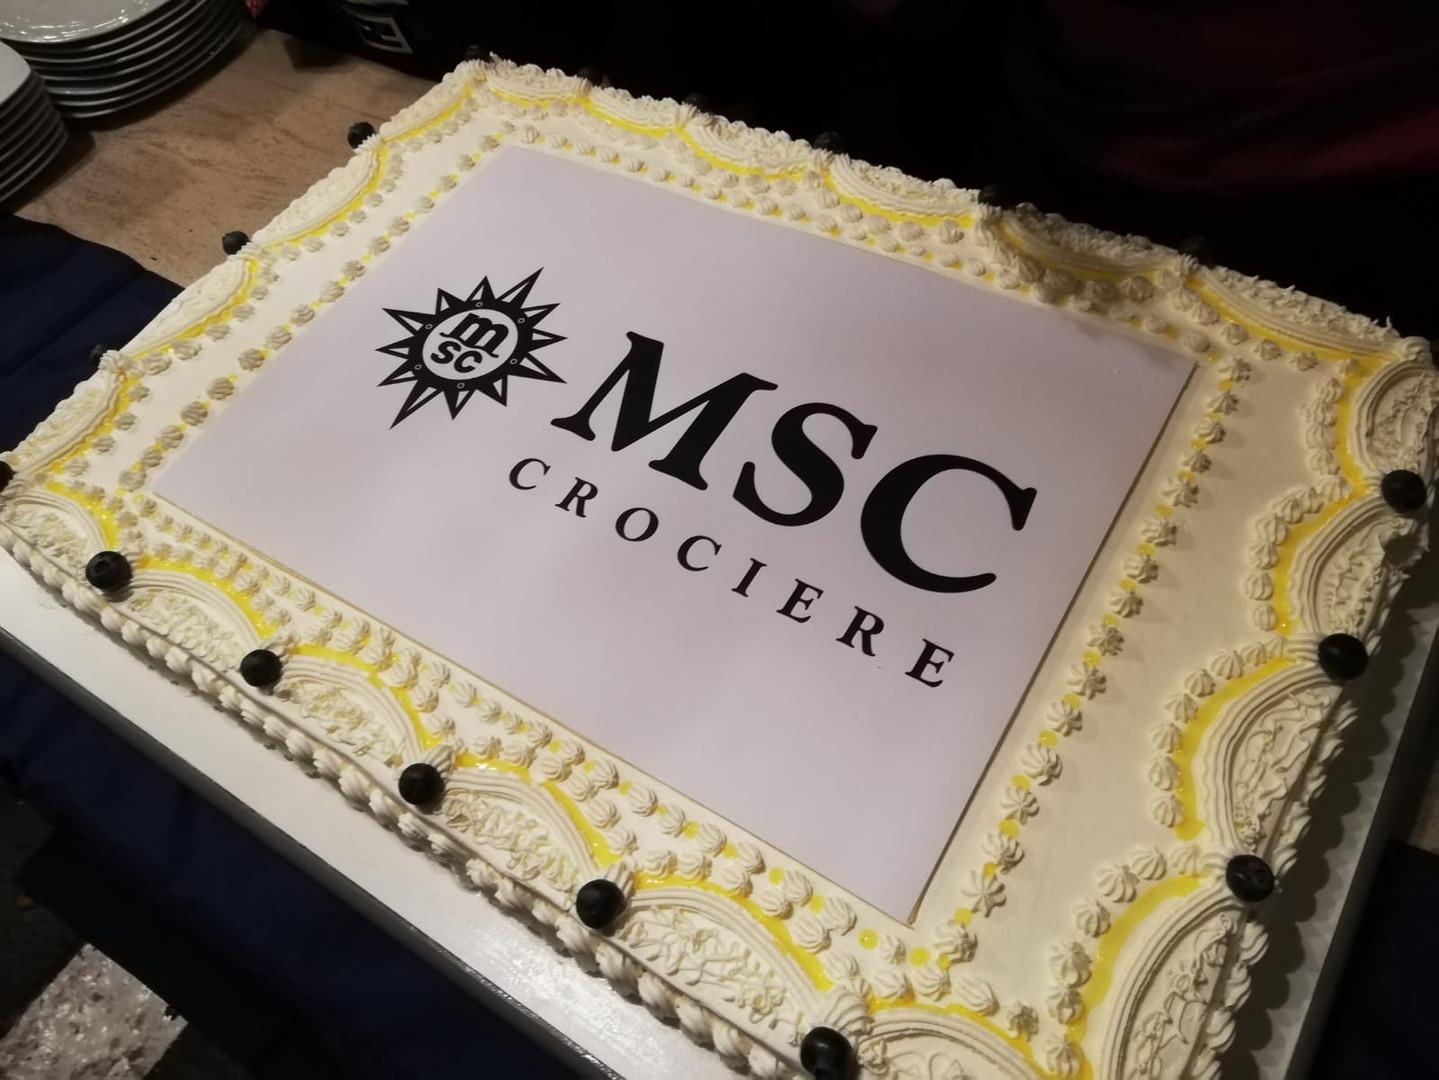 Formazione ed eventi. Serata Msc crocier